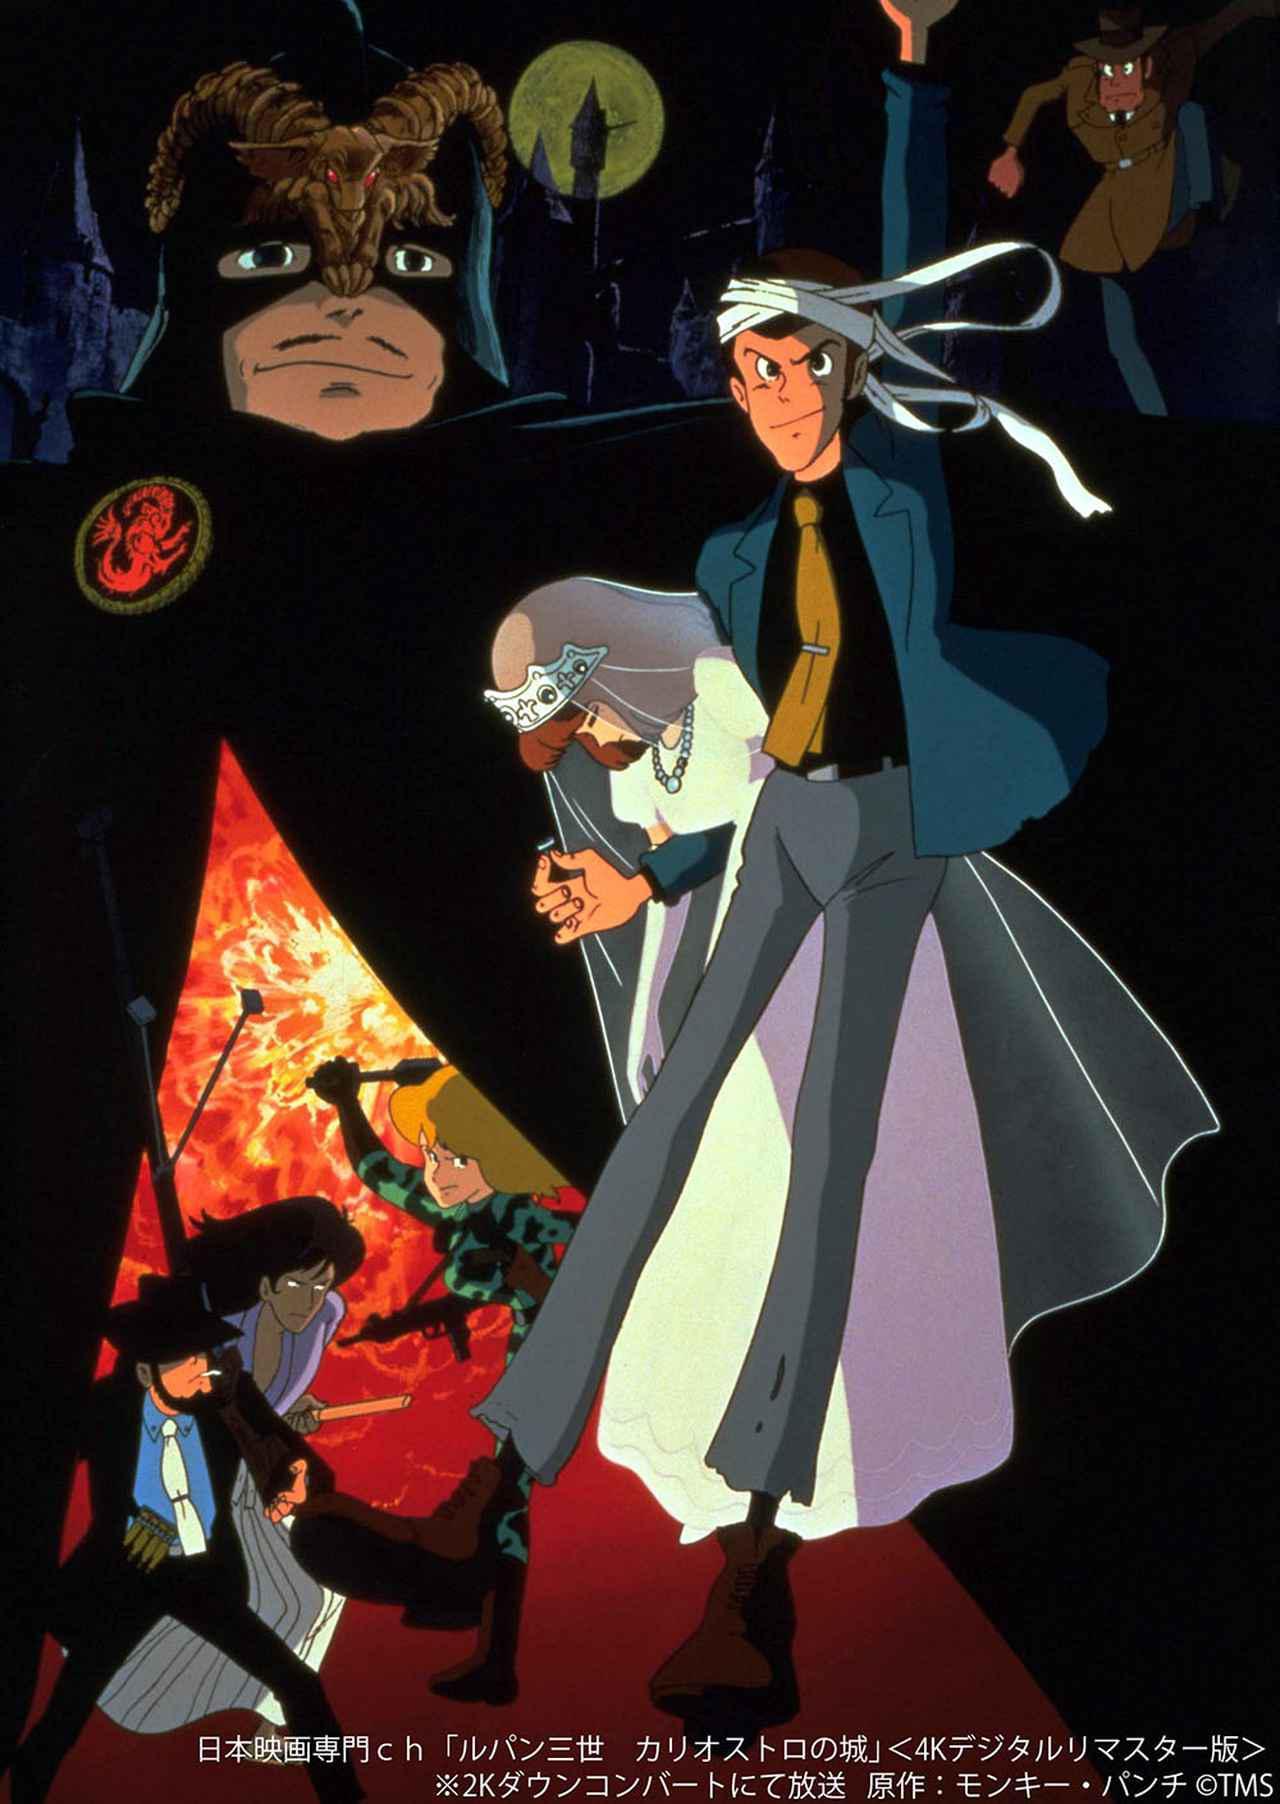 画像1: 『ルパン三世 カリオストロの城』『ルパン三世 ルパンVS複製人間』の4Kリマスター版を、日本映画専門チャンネルが5〜6月にテレビ初放送。日本映画+時代劇4Kではピュア4K放送も